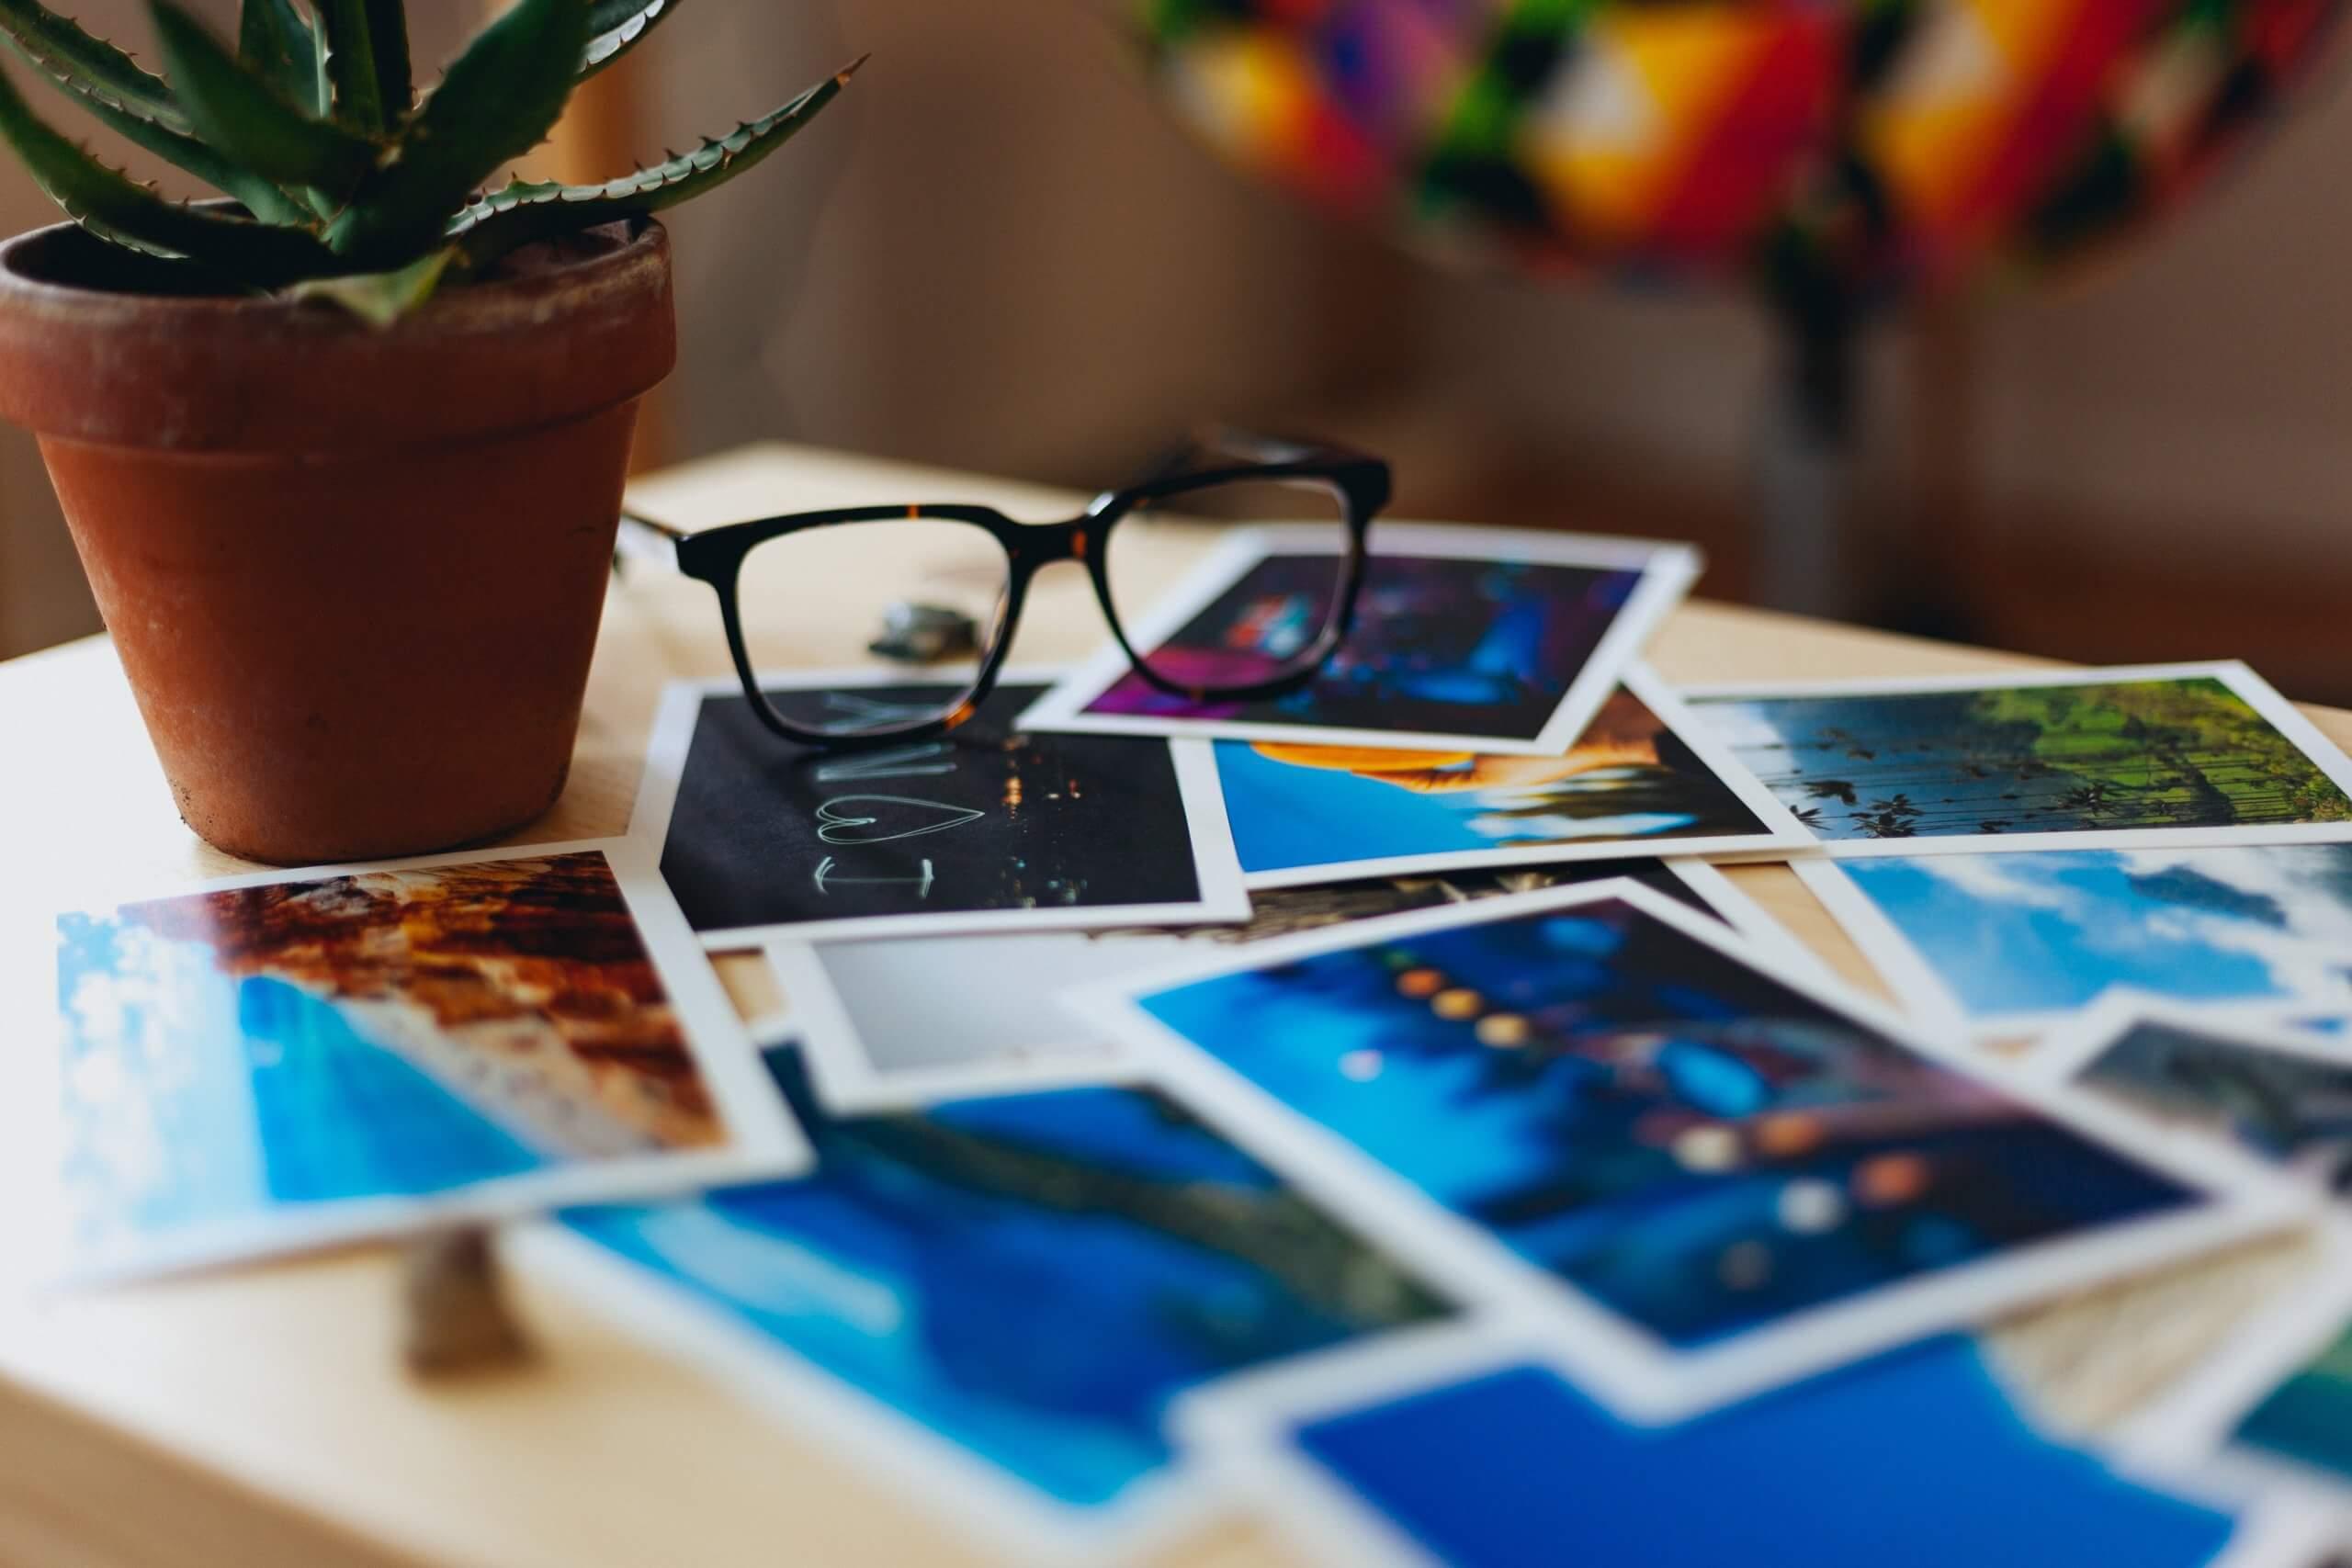 Fotogrußkarte – Deine Bilder, deine Erlebnisse